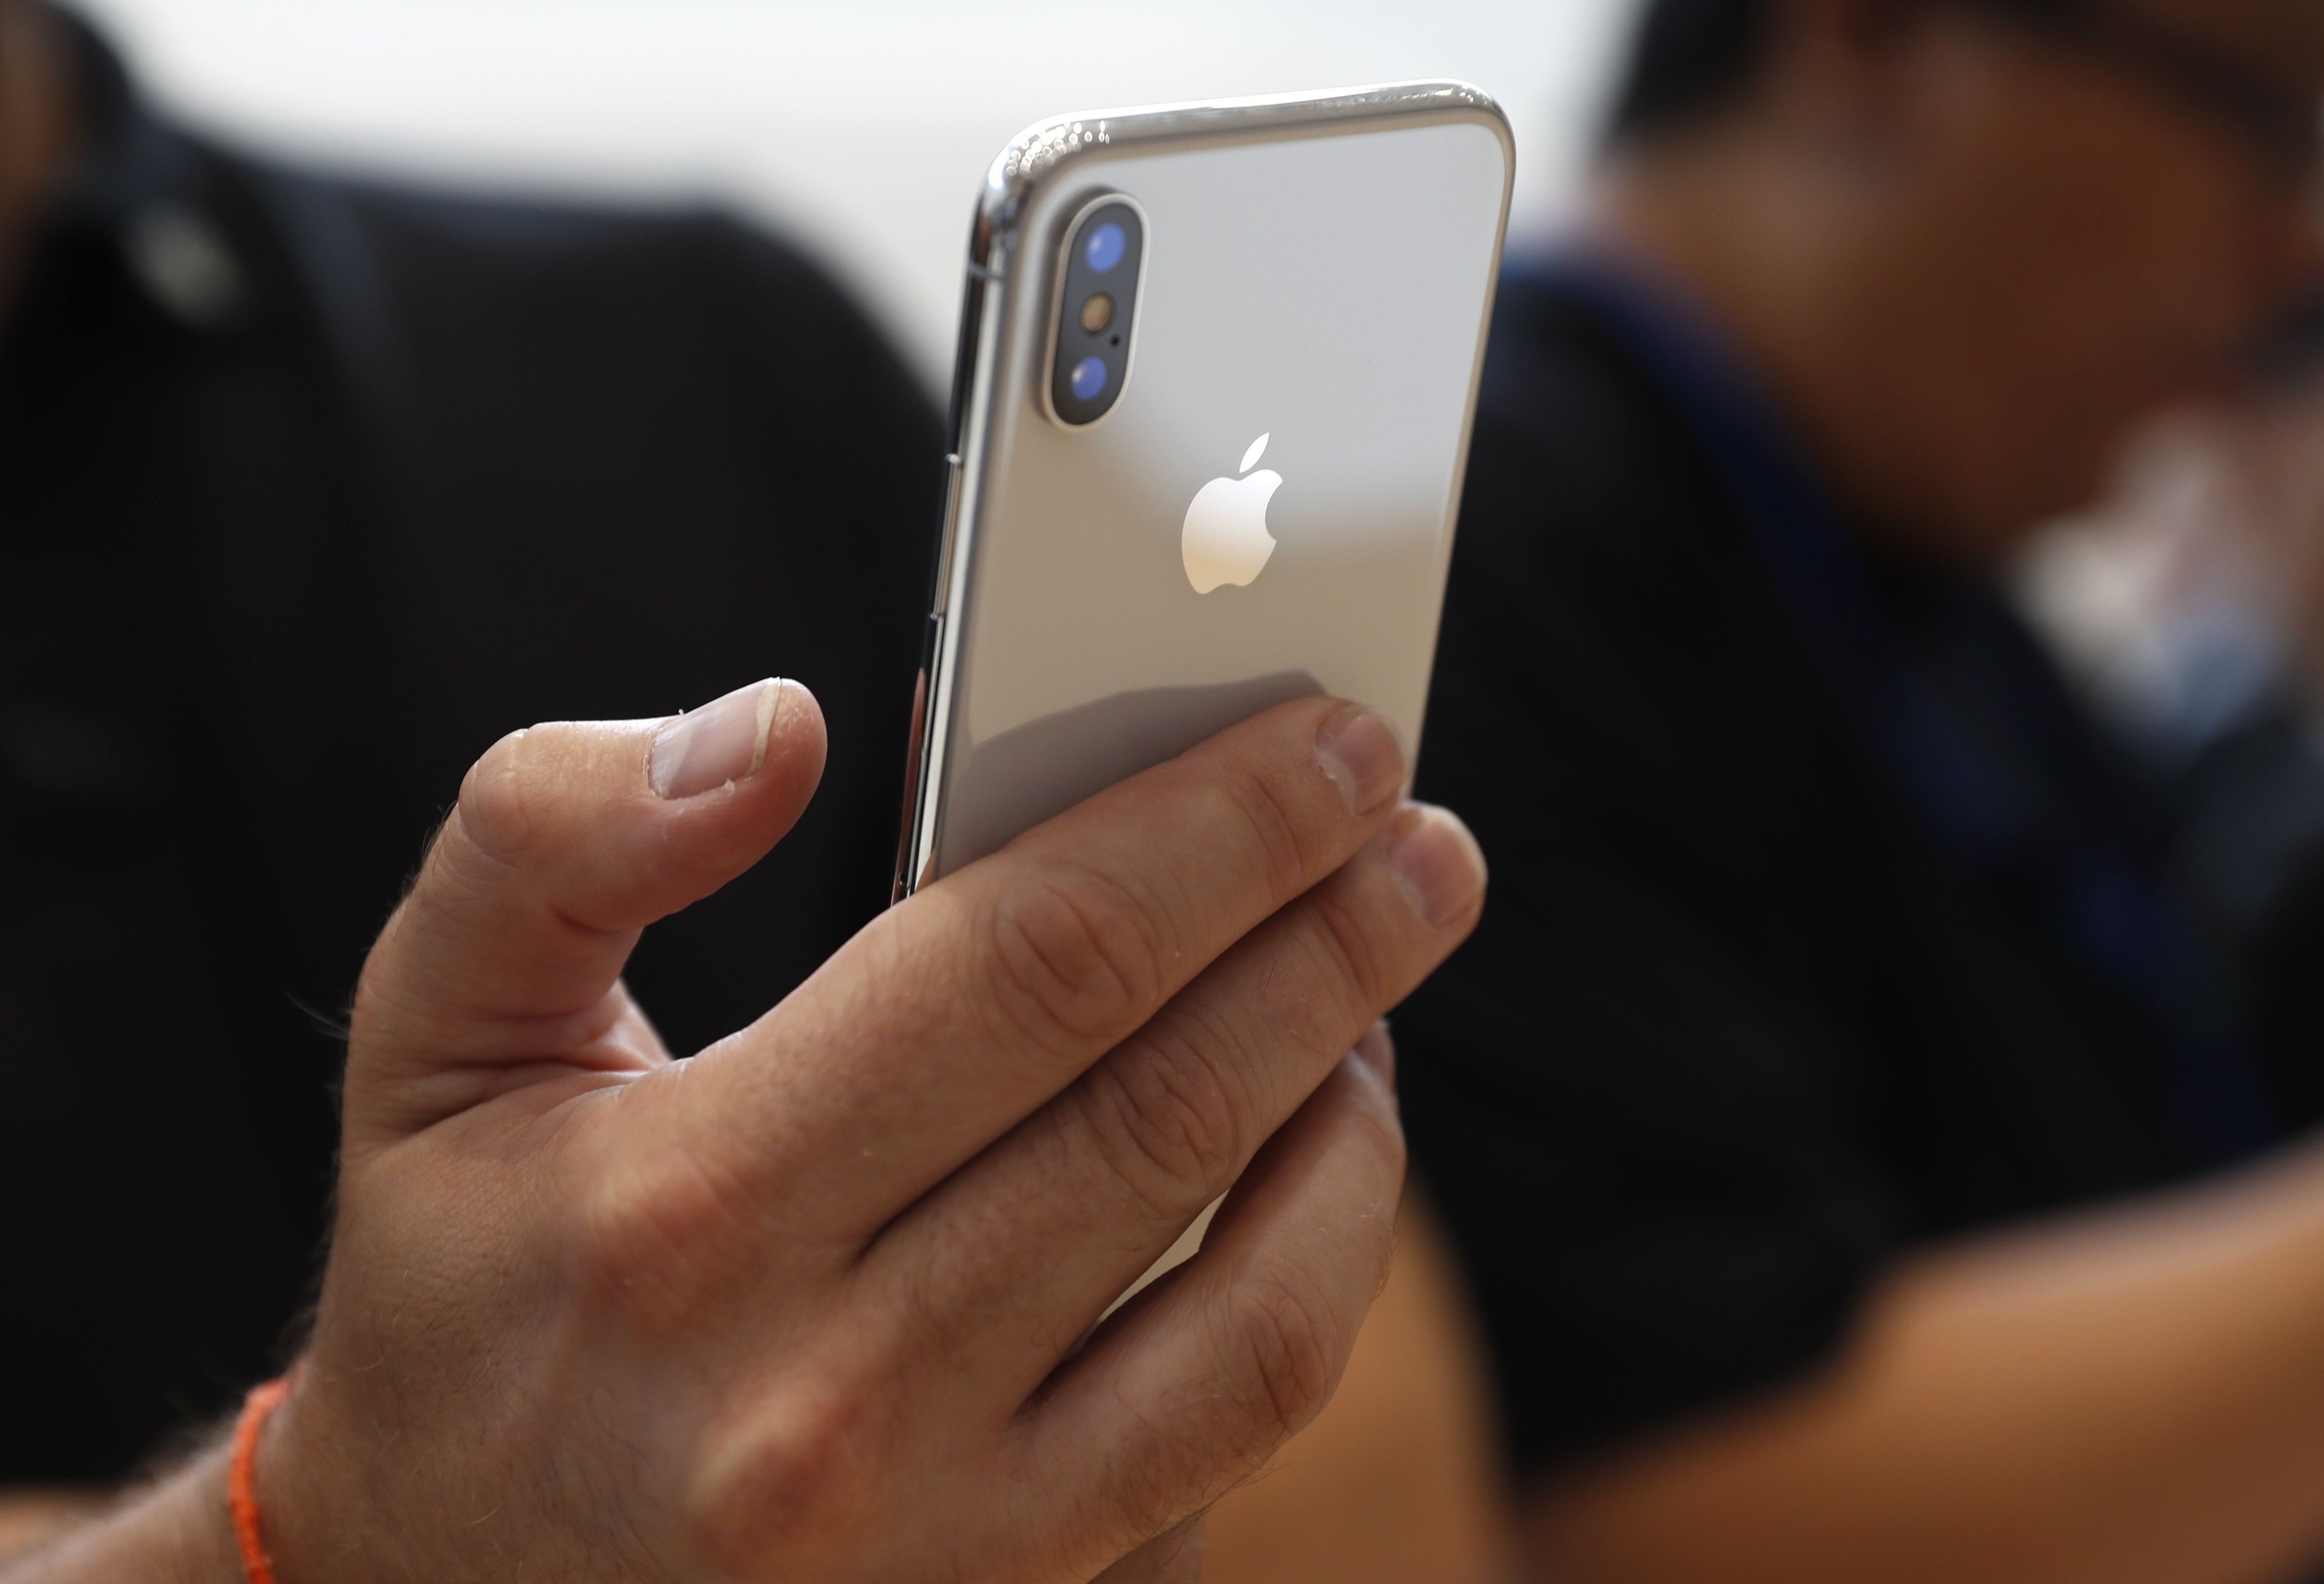 Устройства Apple используют чуть более 4-х лет